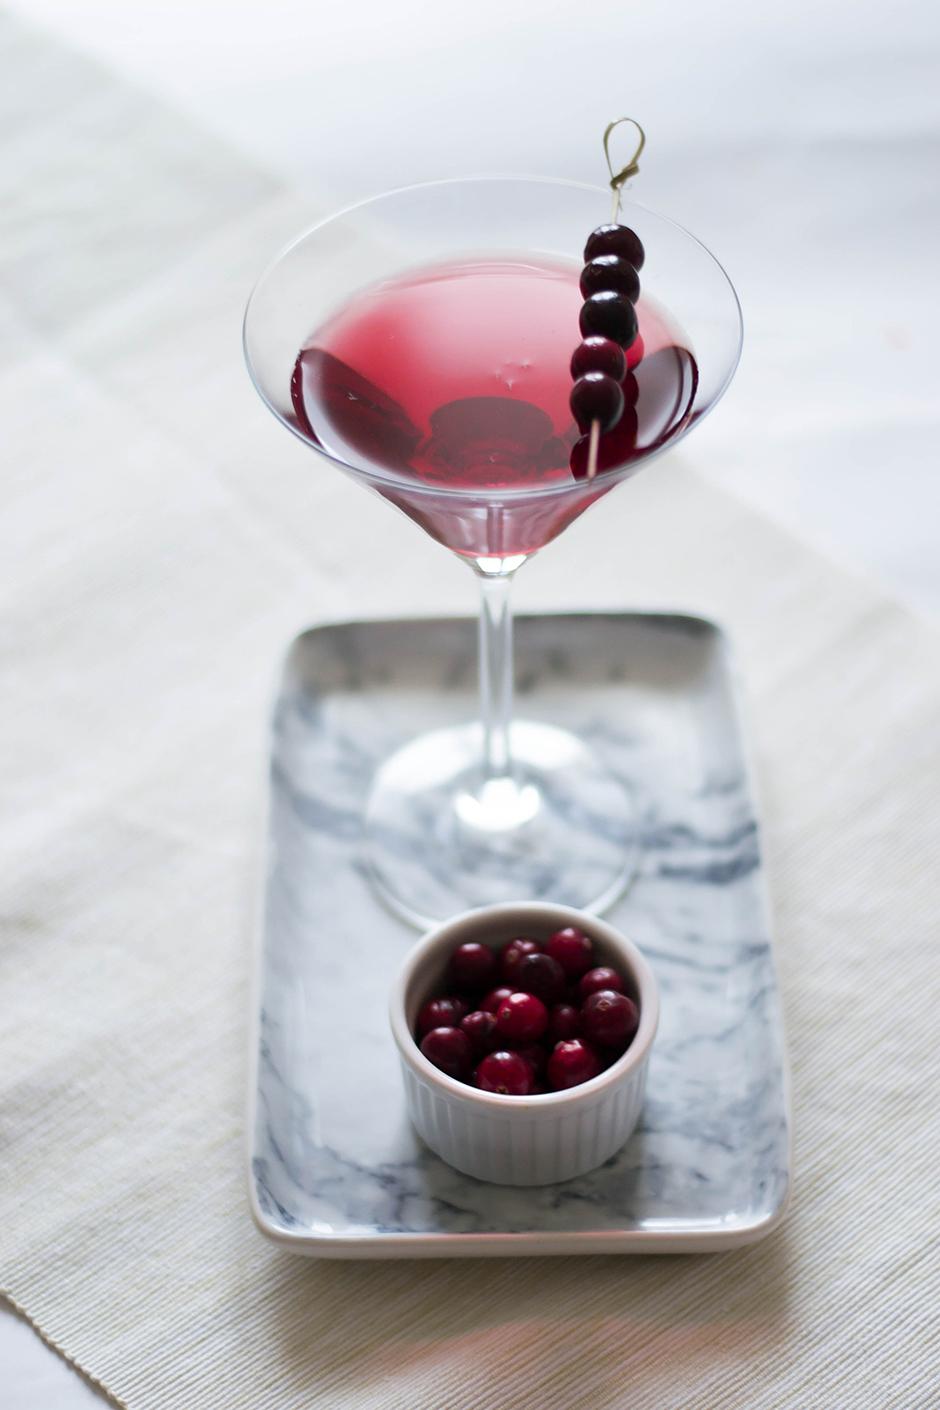 stylesandbox-blog-fashionblog-lifestyleblog-vienna-wien-online-tipsy-tuesday-cranberry-margarita-rezept (2 von 4)